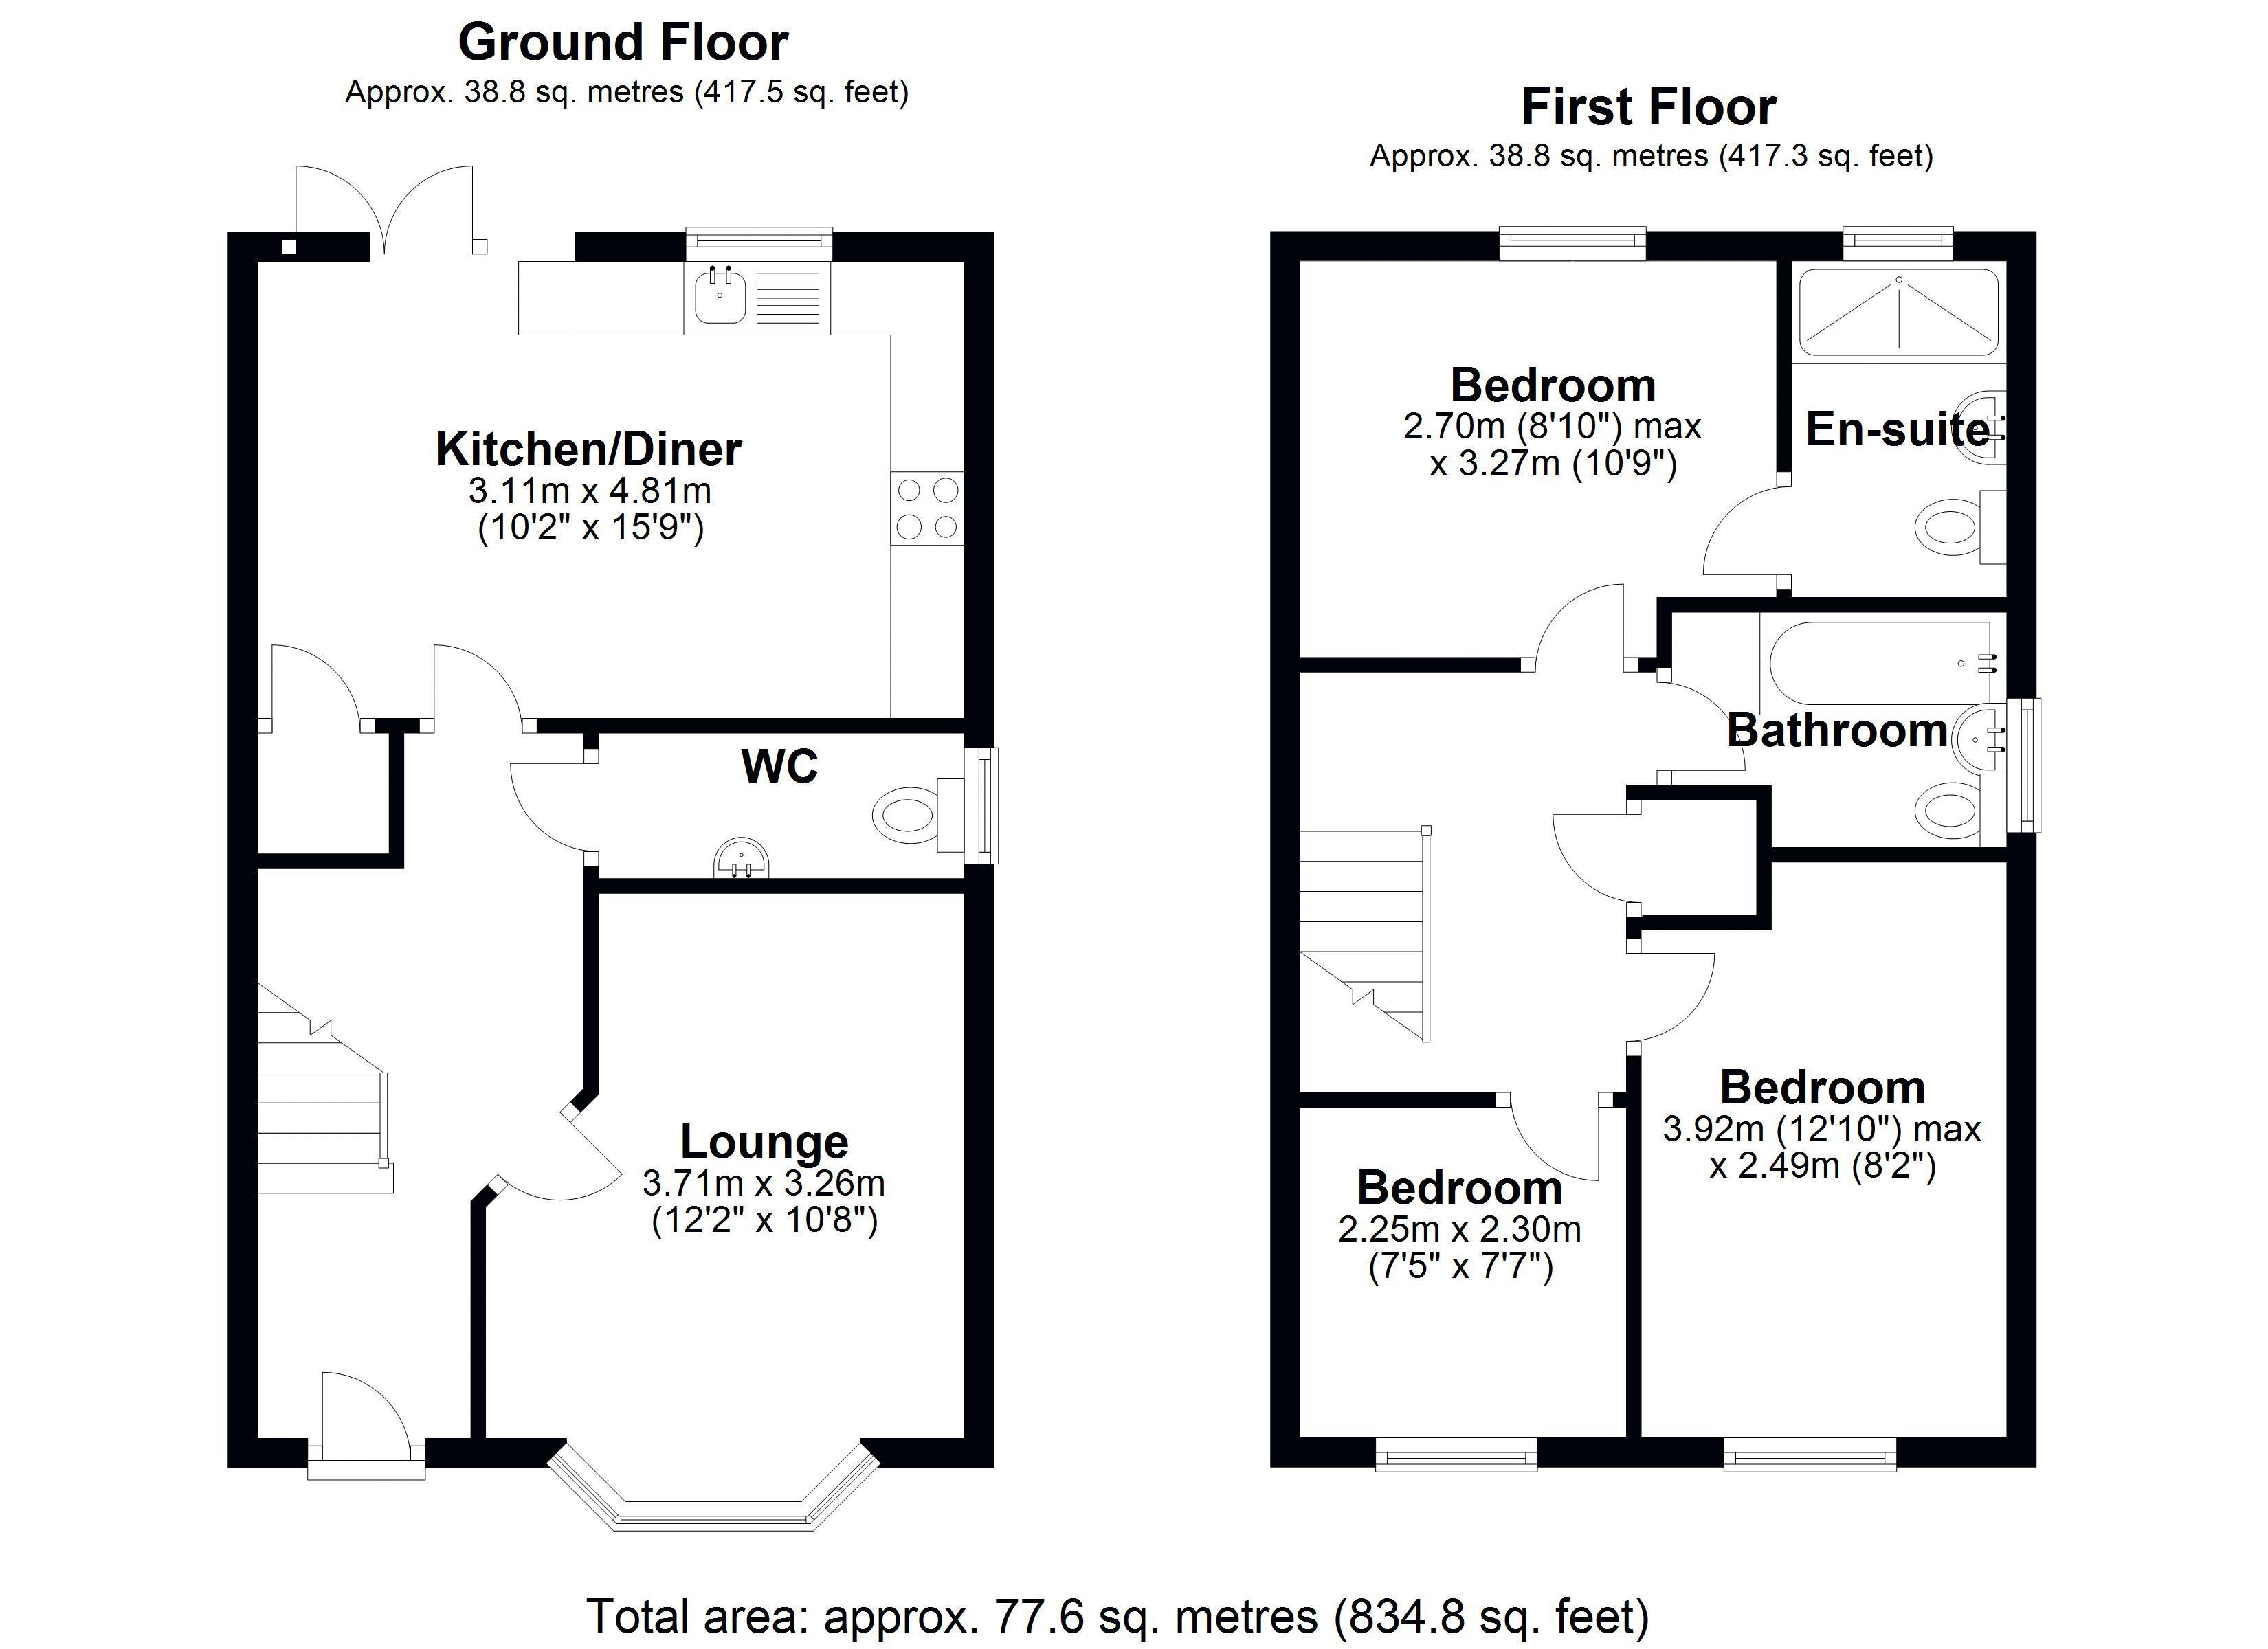 The Alders main floor plan